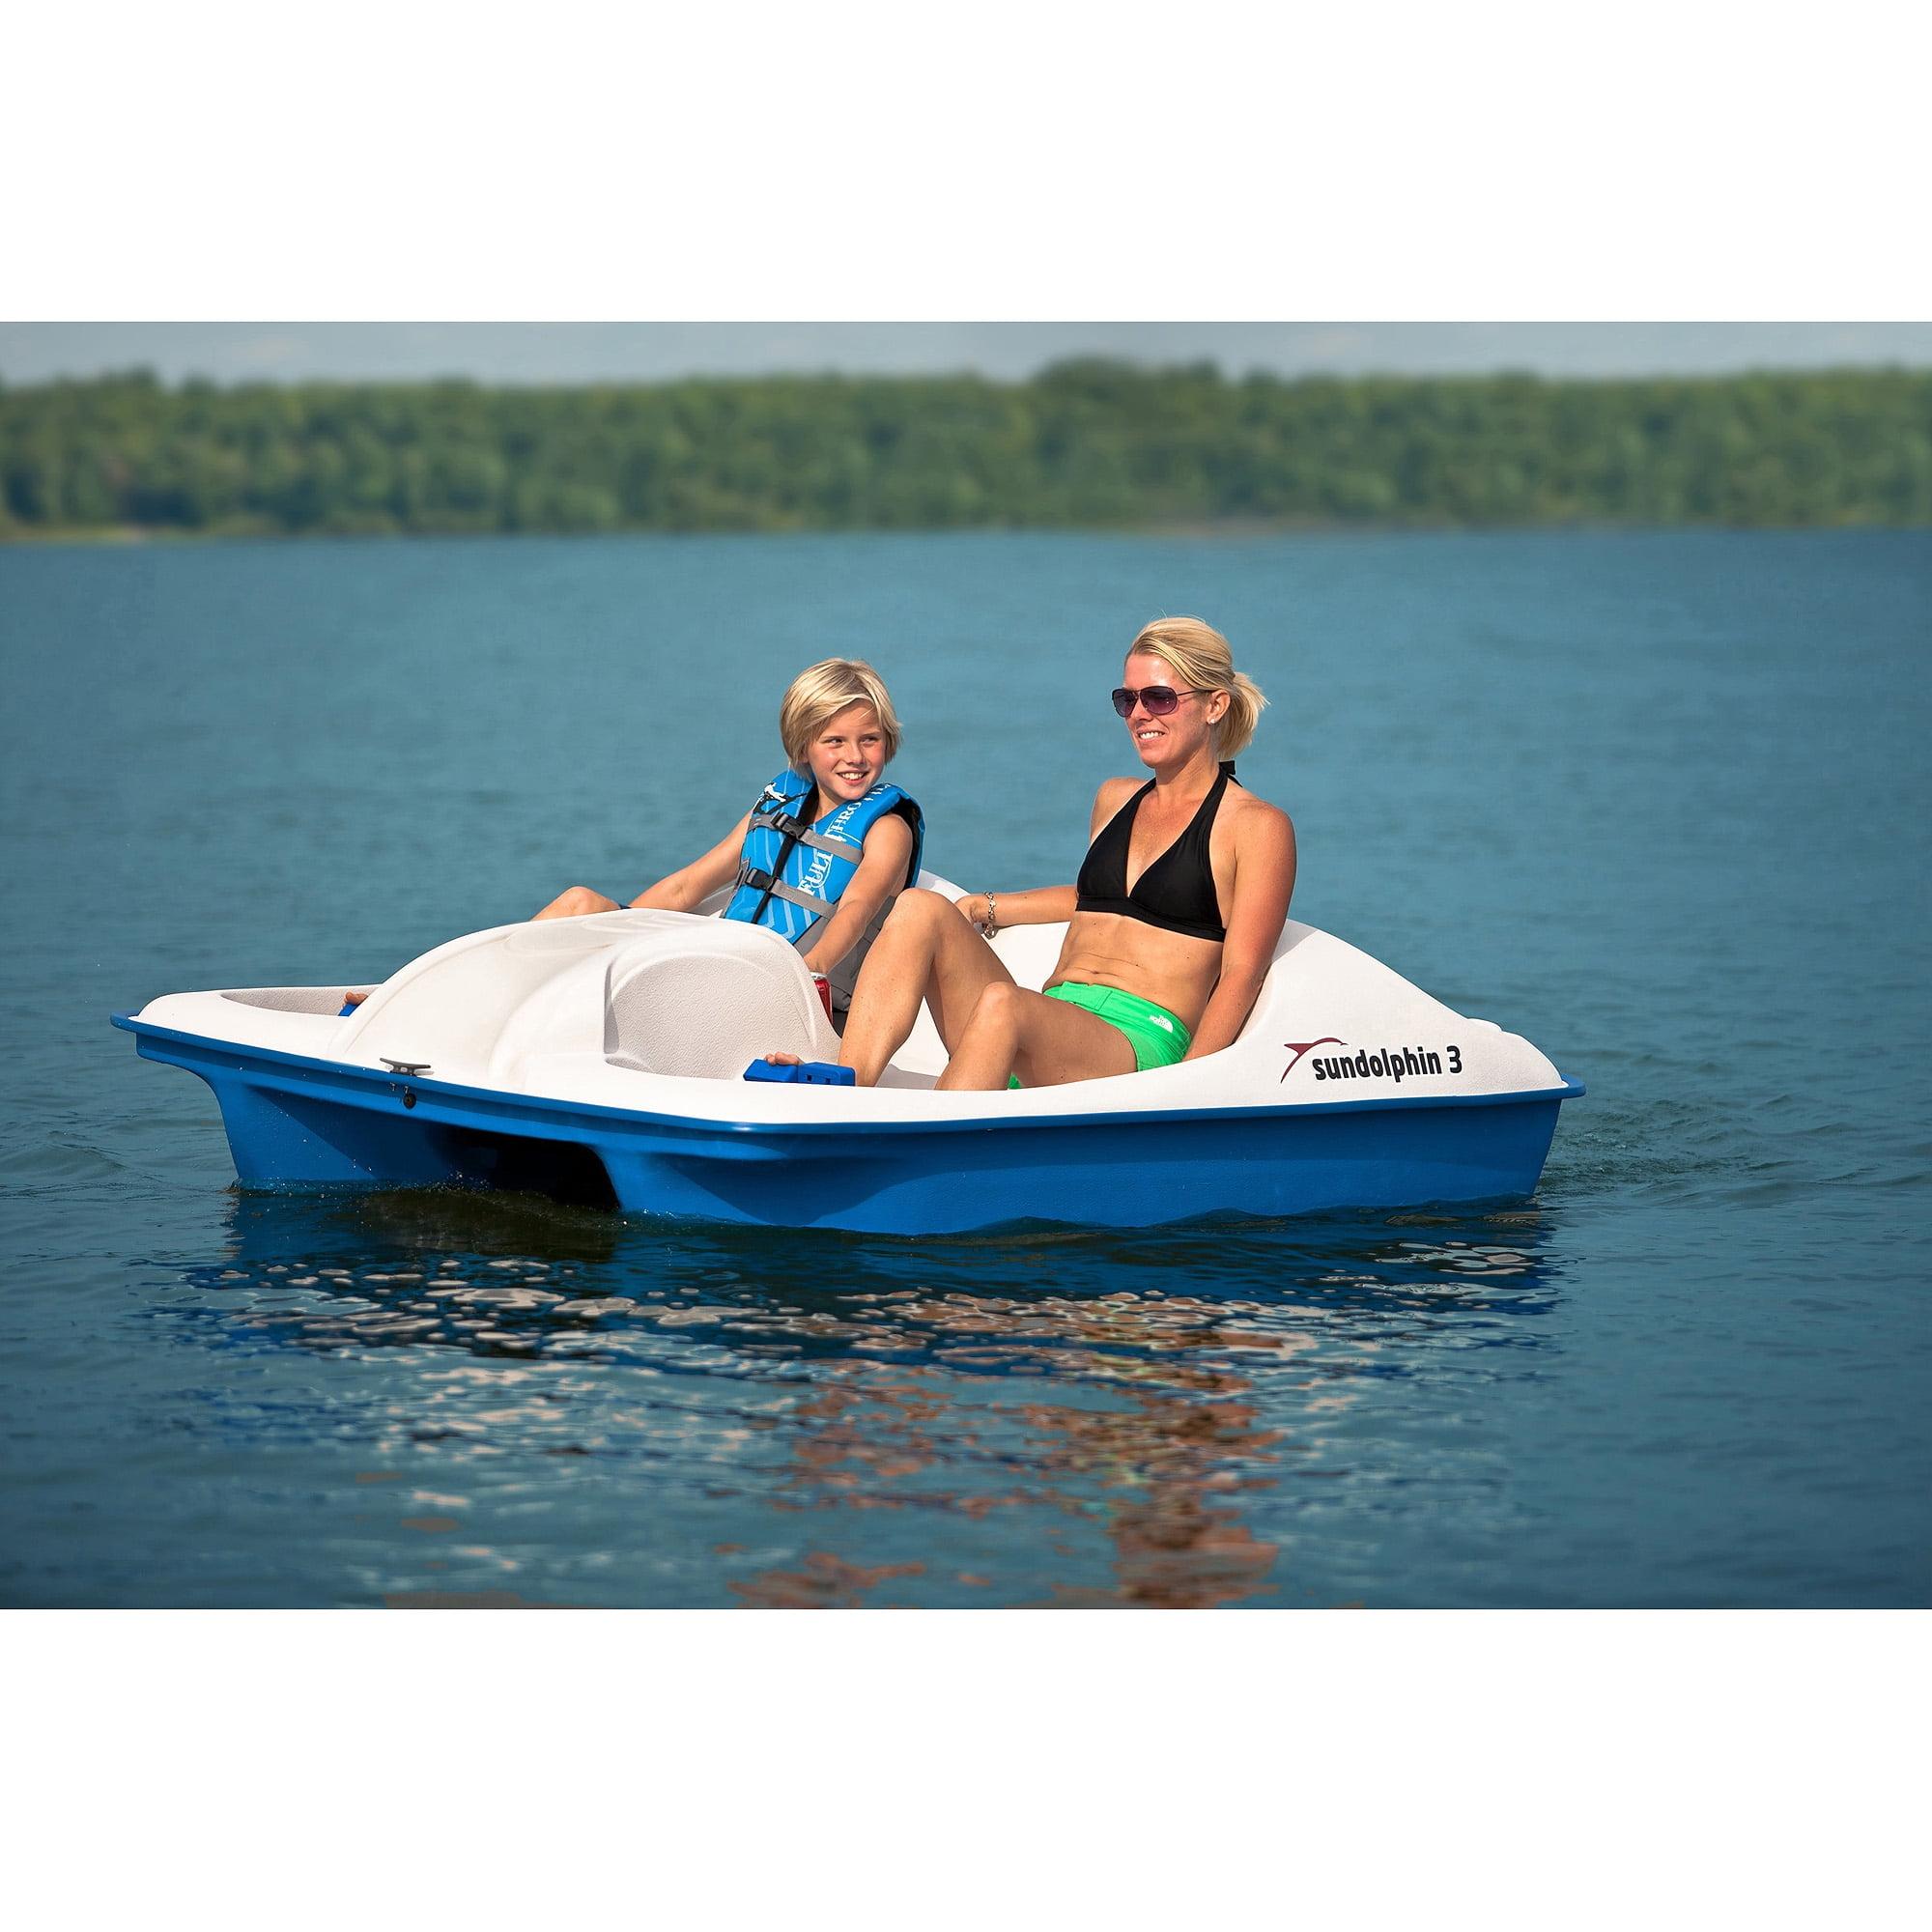 Sun Dolphin 3-Person Pedal Boat - Walmart.com - Walmart.com